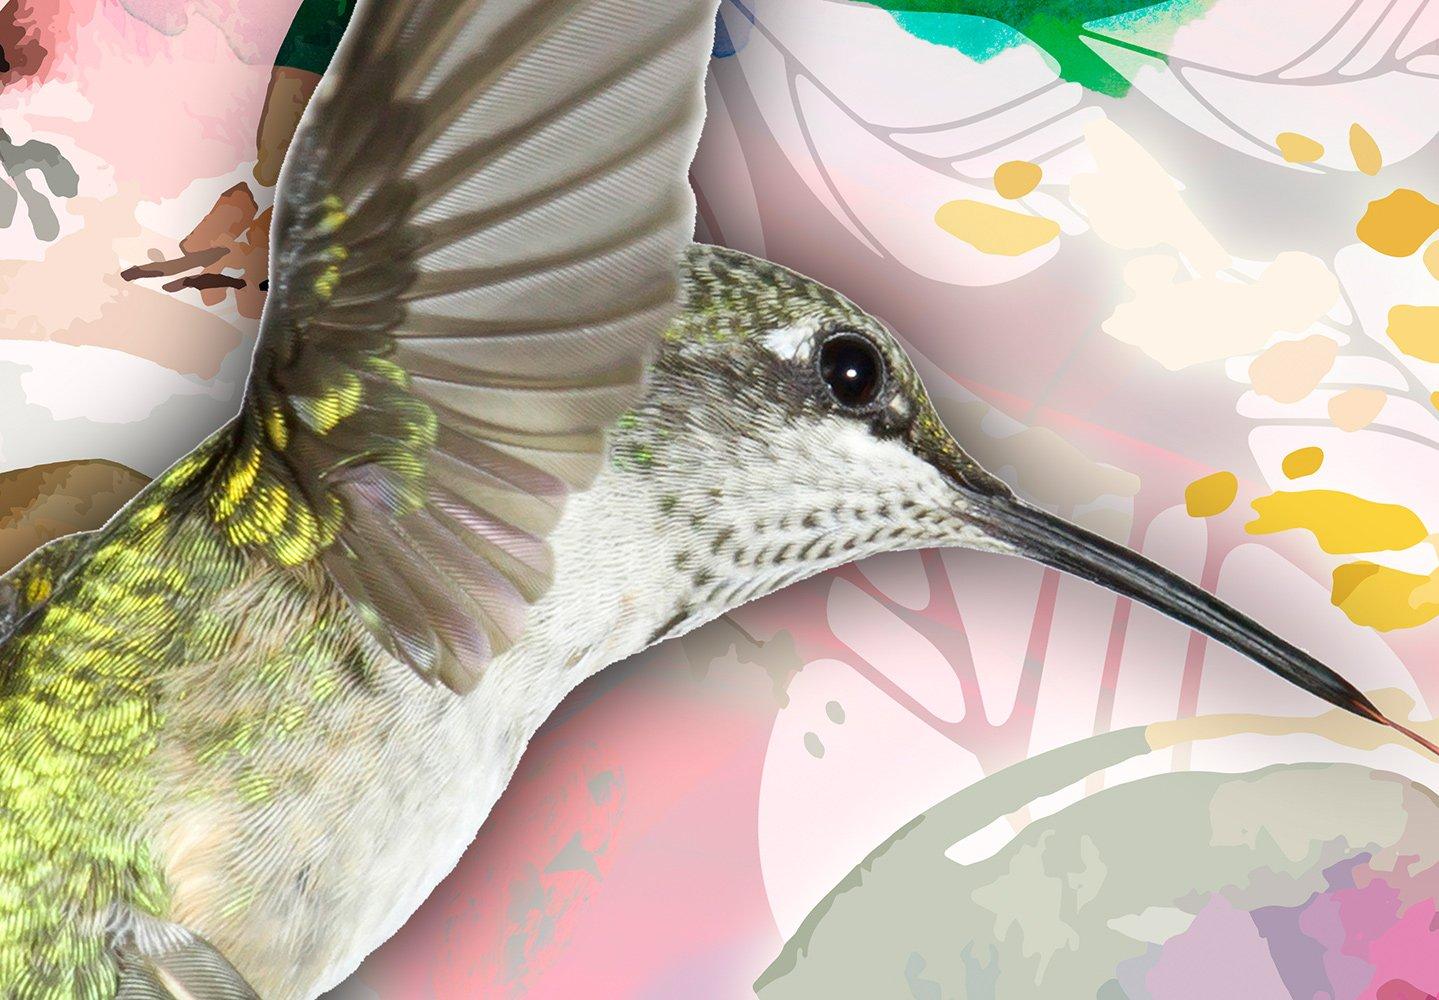 murando Papier peint intiss/é Fleurs Aquarelle 250x175 cm D/écoration Murale XXL Poster Tableaux Muraux Tapisserie Photo Trompe loeil Colibri en couleurs g-C-0073-a-b